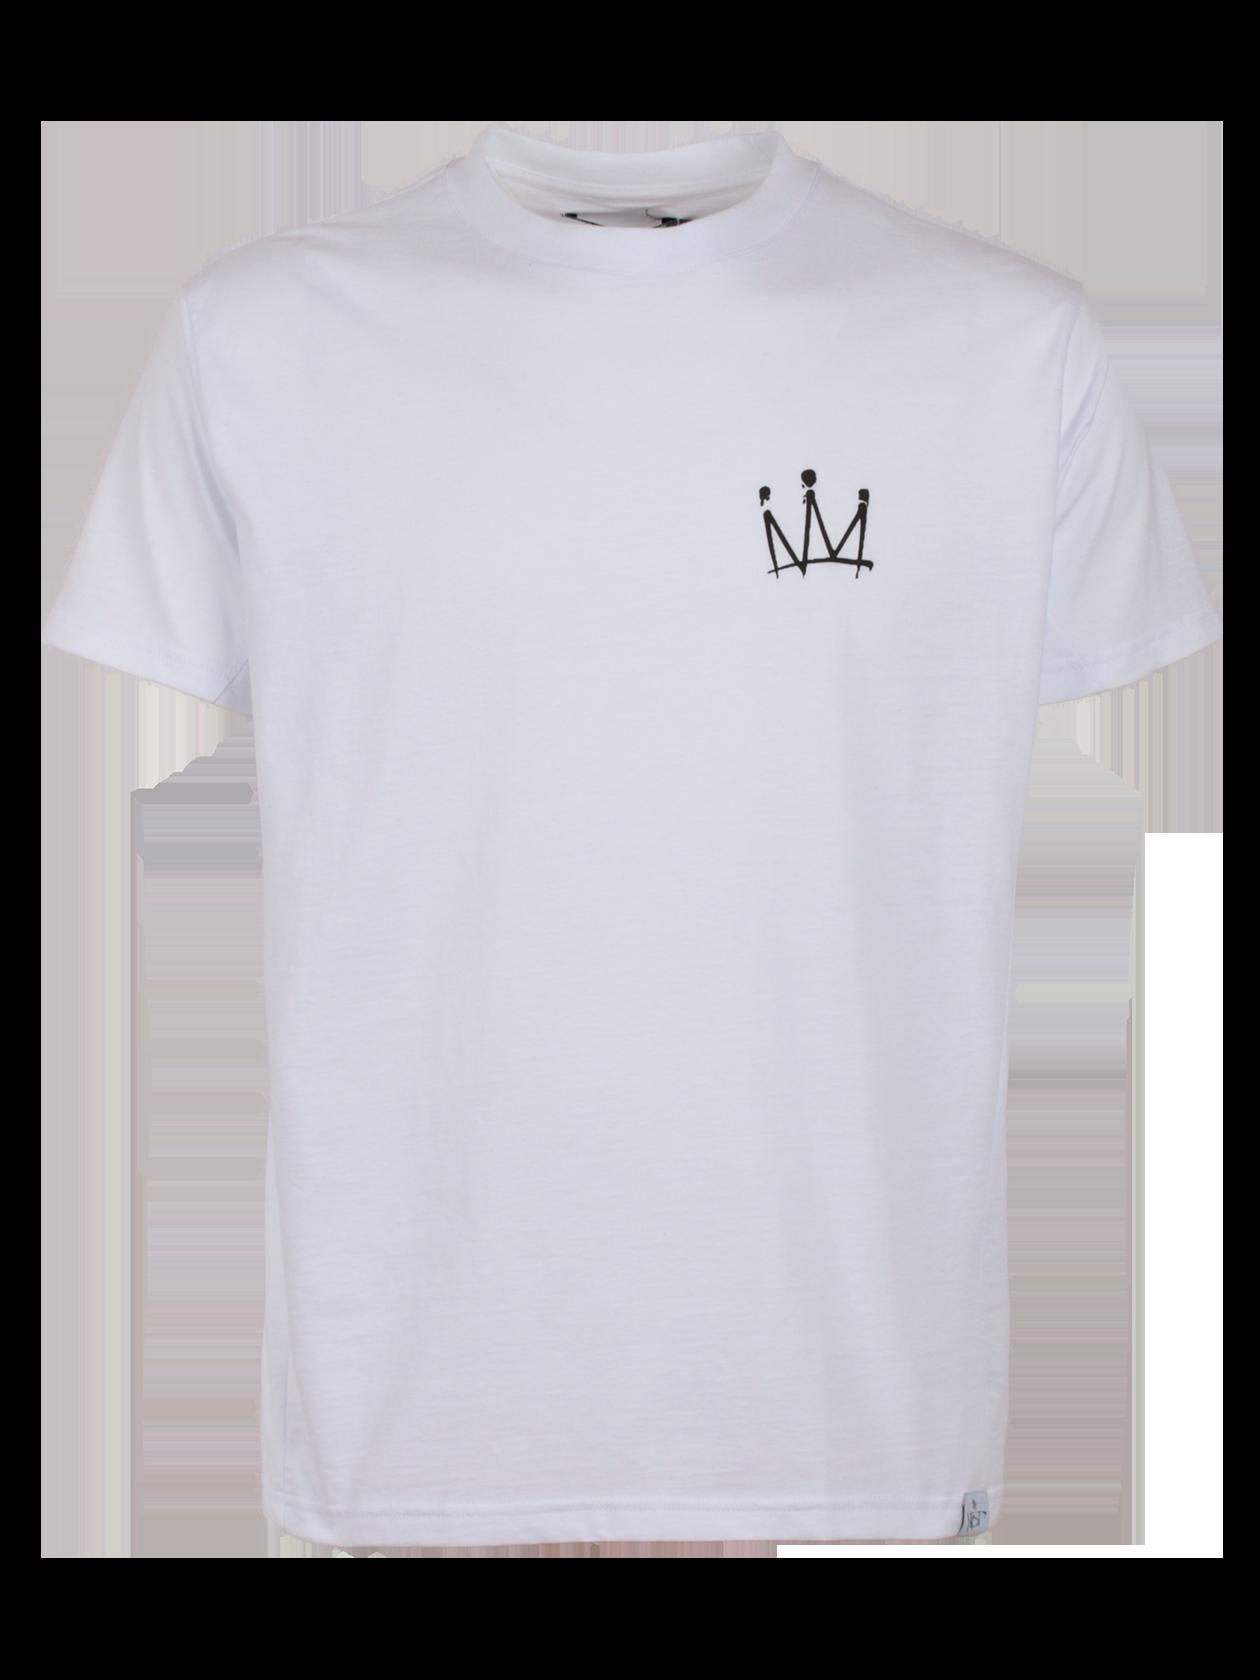 Unisex t-shirt MOT CROWNФутболка унисекс Мот Crown из капсульной коллекции популярного артиста Мота привлекает лаконичным и стильным дизайном. Модель классического прямого свободного кроя с коротким широким рукавом, создана из высококачественного хлопка. Узкая горловина отделана эластичной окантовкой, внутри лейбл бренда Black Star Wear. На груди оформлен принт в виде короны, внизу небольшая фирменная нашивка. Спинка декорирована пирамидой из корон и автографом Мота. Изделие доступно в двух расцветках: белой и черной.<br><br>size: M<br>color: White<br>gender: female